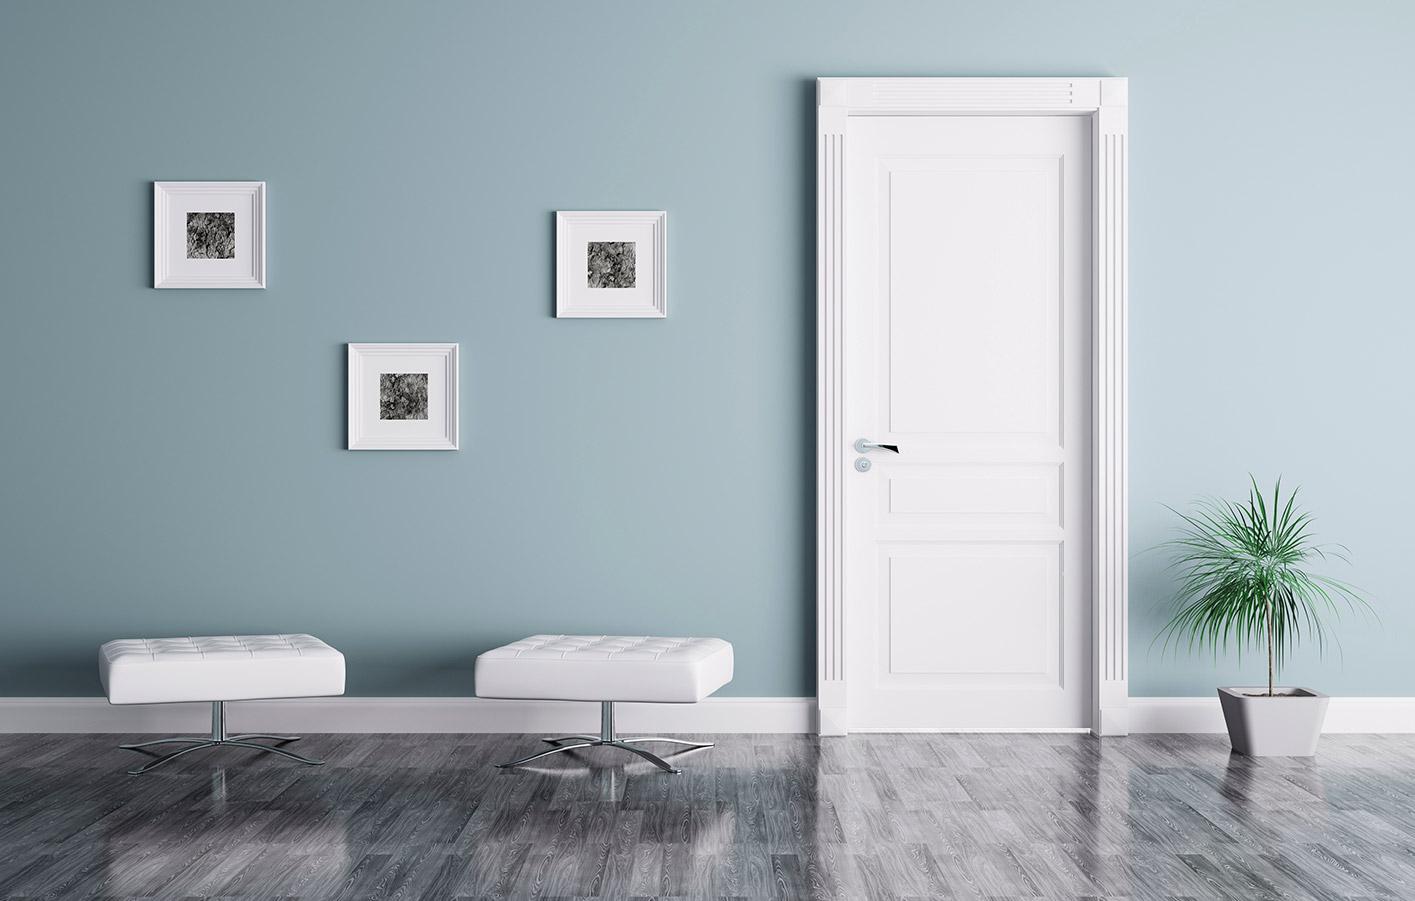 Zimmertür holz weiß  Innentüren - Zimmertüren: Holz-Berner GmbH